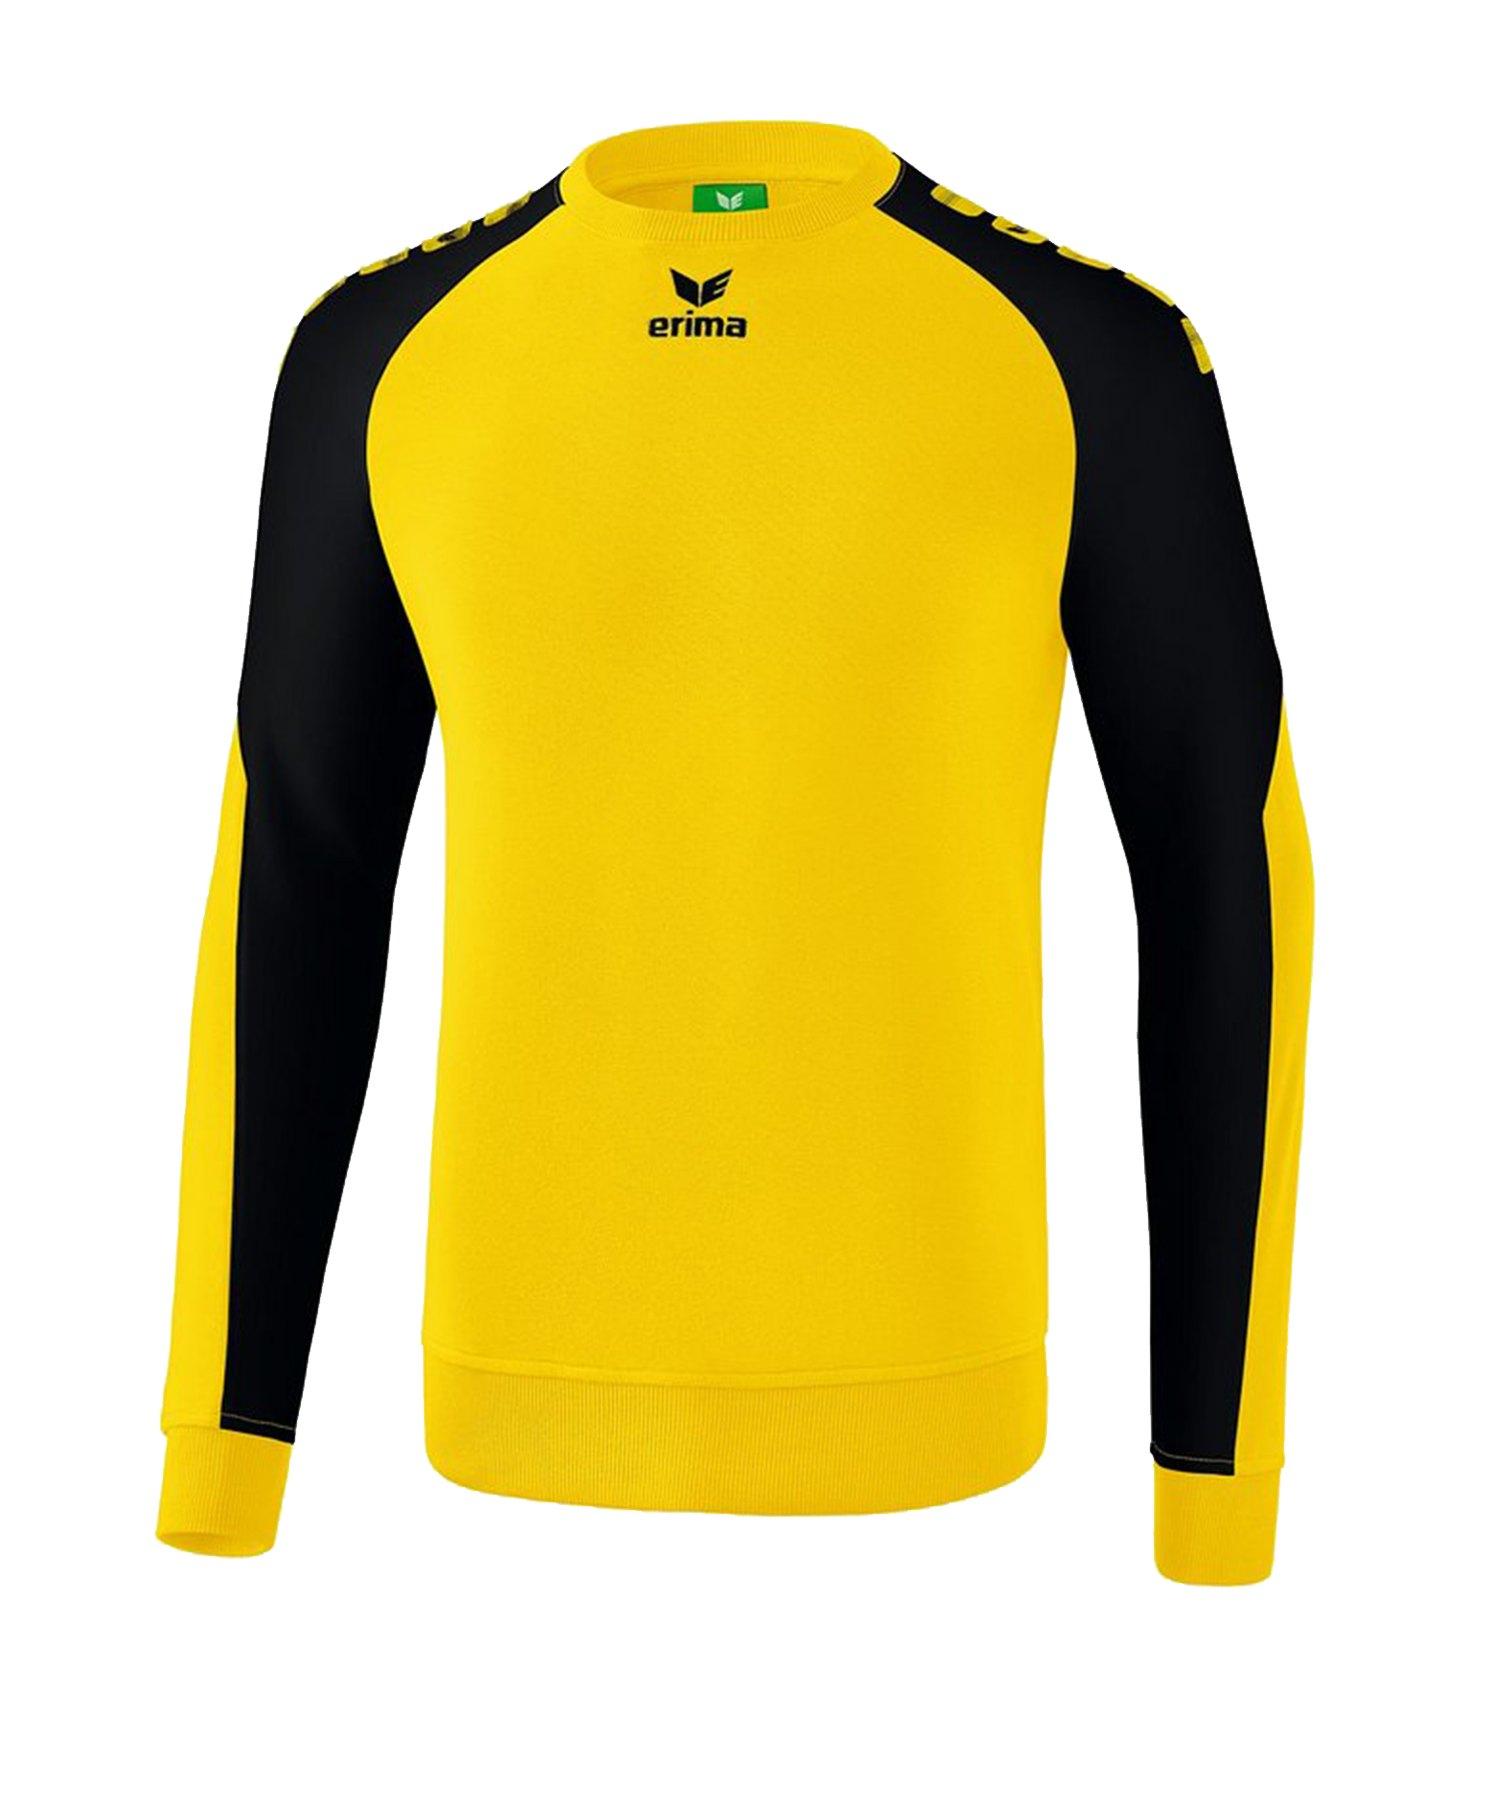 Erima Essential 5-C Sweatshirt Gelb Schwarz - Gelb